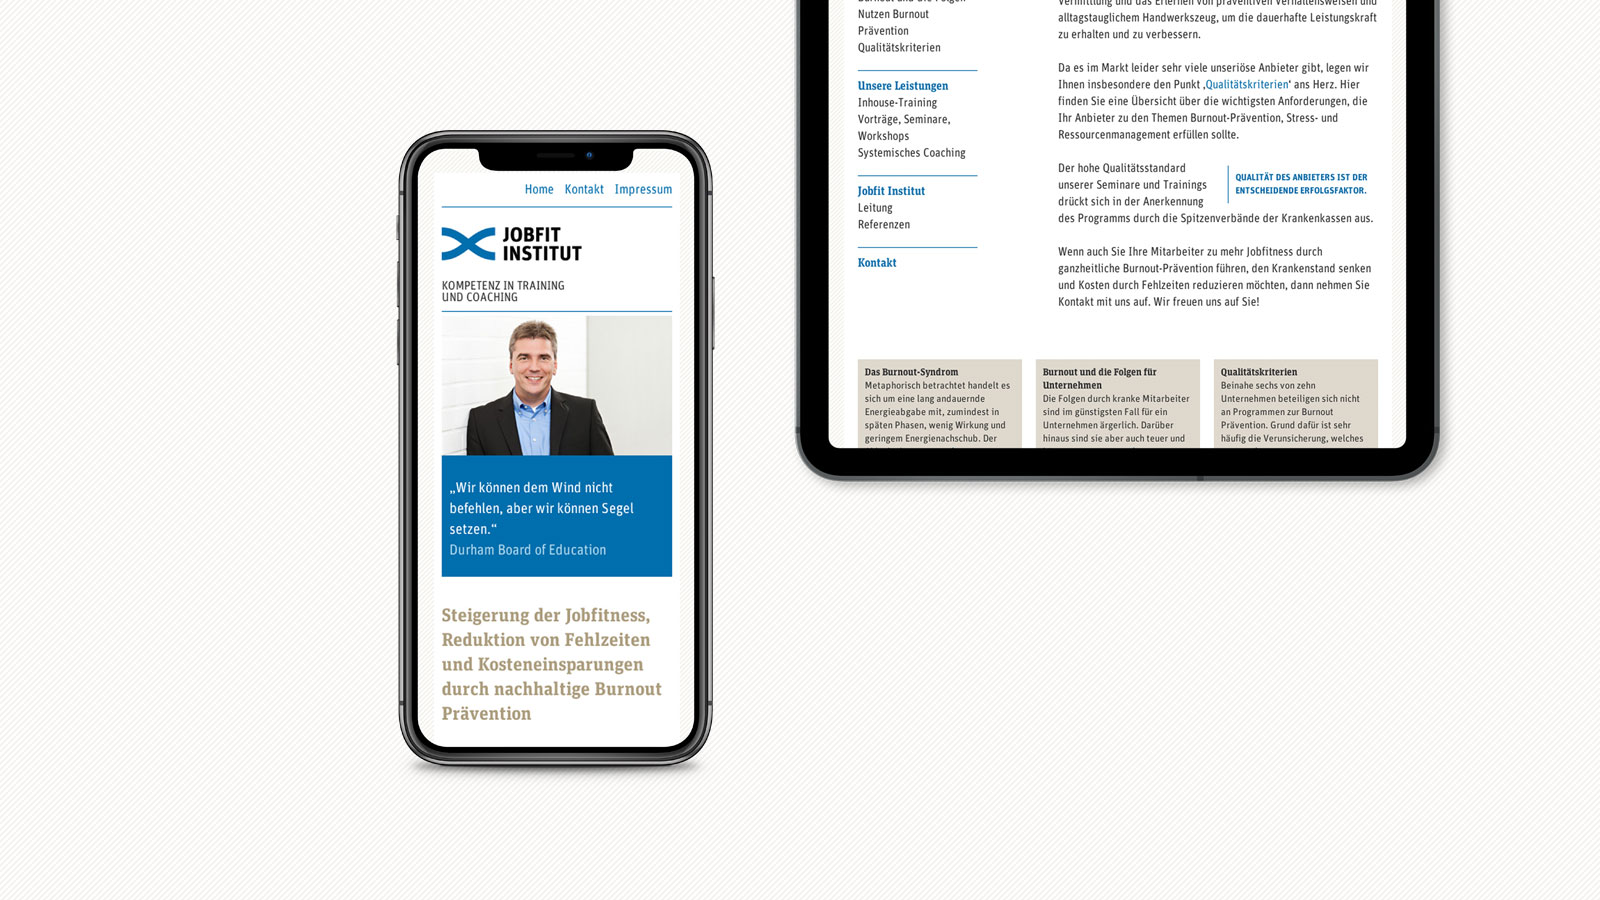 Jobfit Institut Respornsive Webdesign